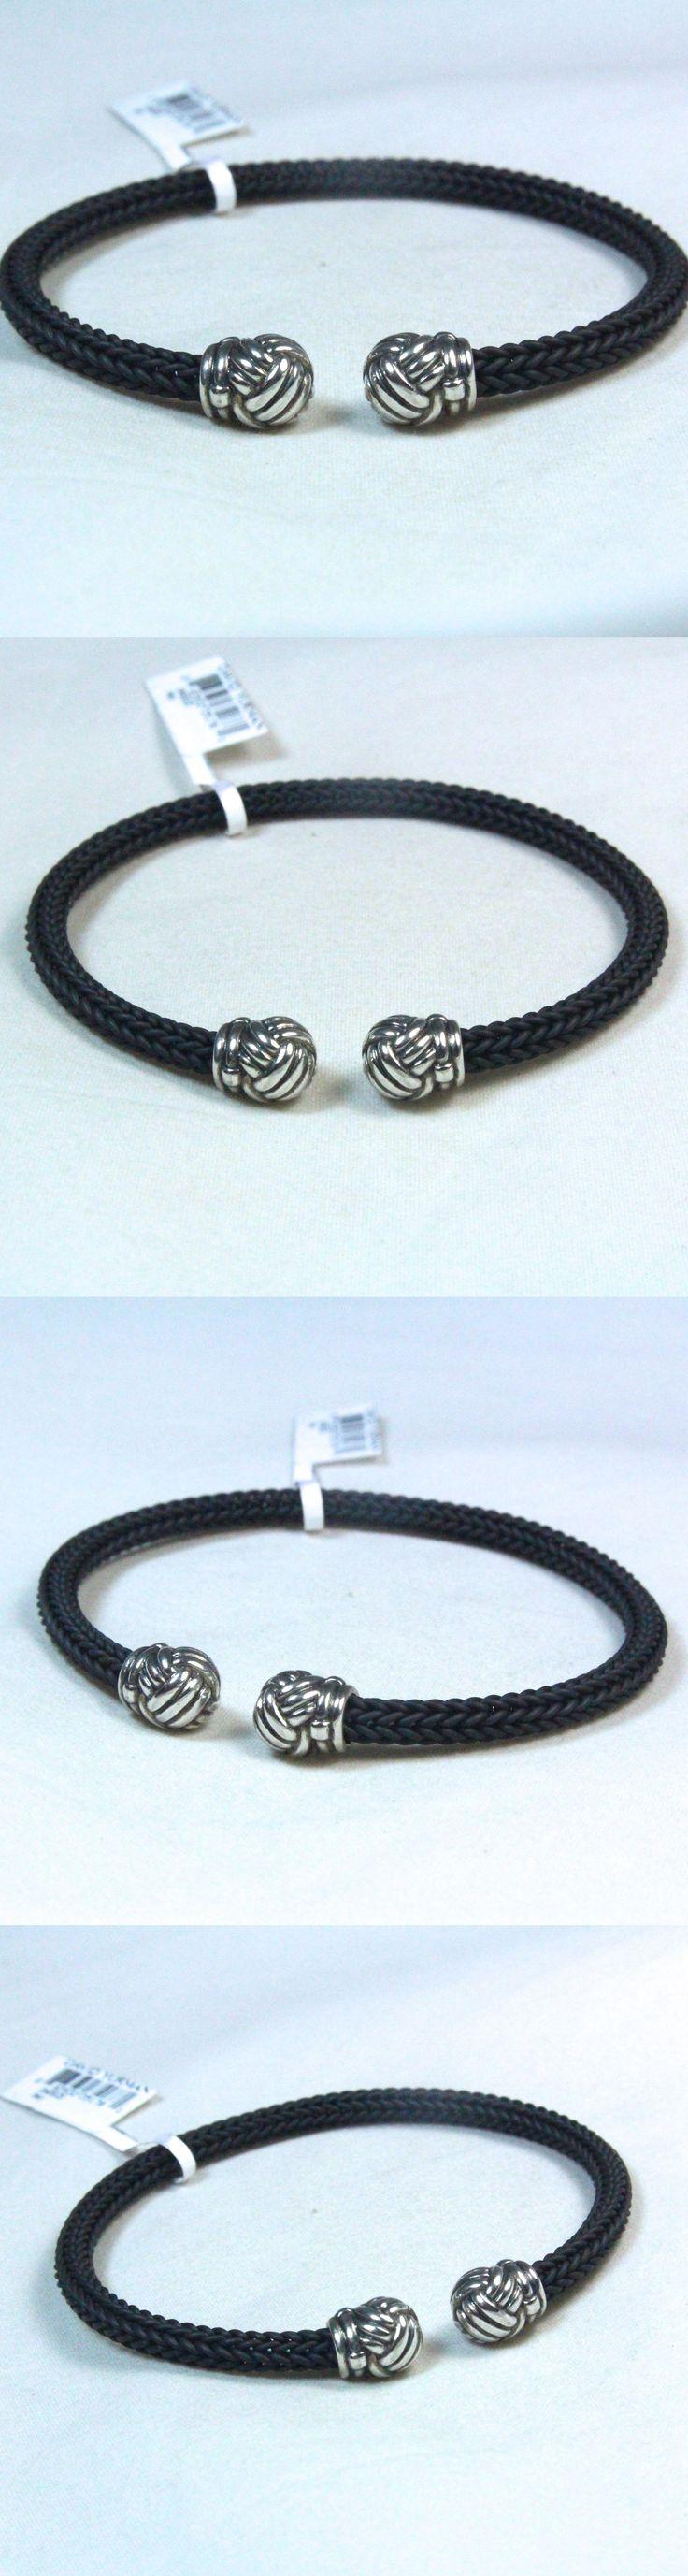 Bracelets 137835: New David Yurman Mens Silver Black Rubber Monkey Fist Caps Cuff Bracelet 8.5 BUY IT NOW ONLY: $245.0